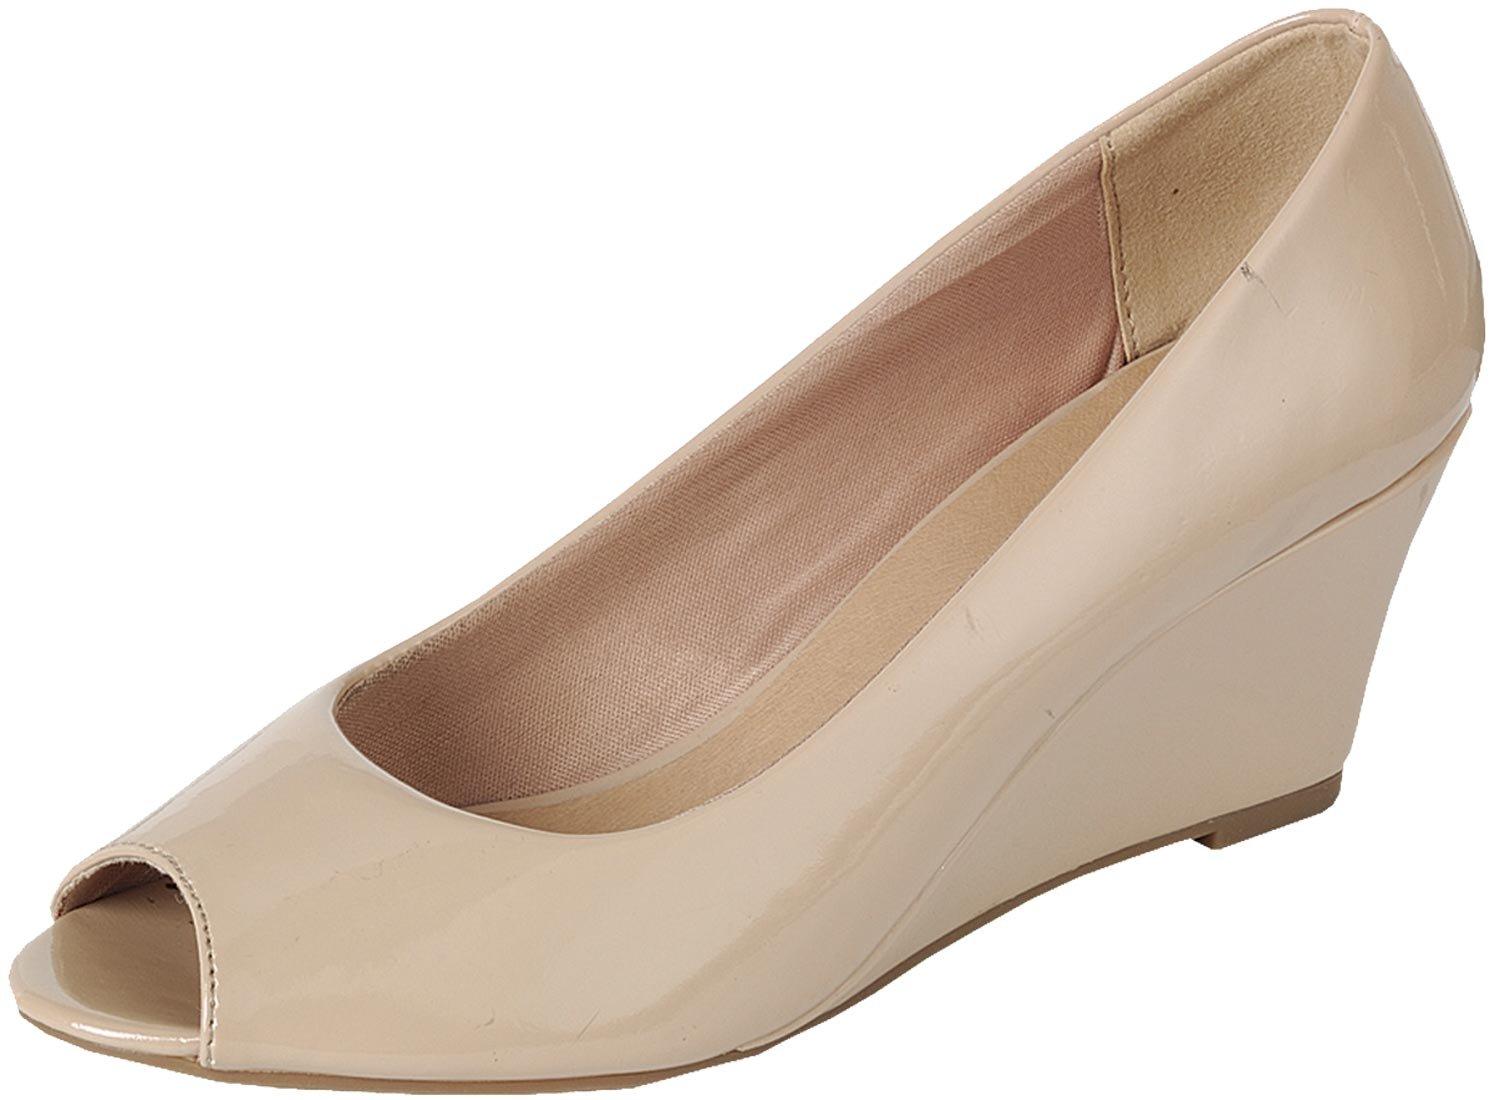 Forever Link Women's Peep Toe Slip On Wedge Pump,6 B(M) US,Beige